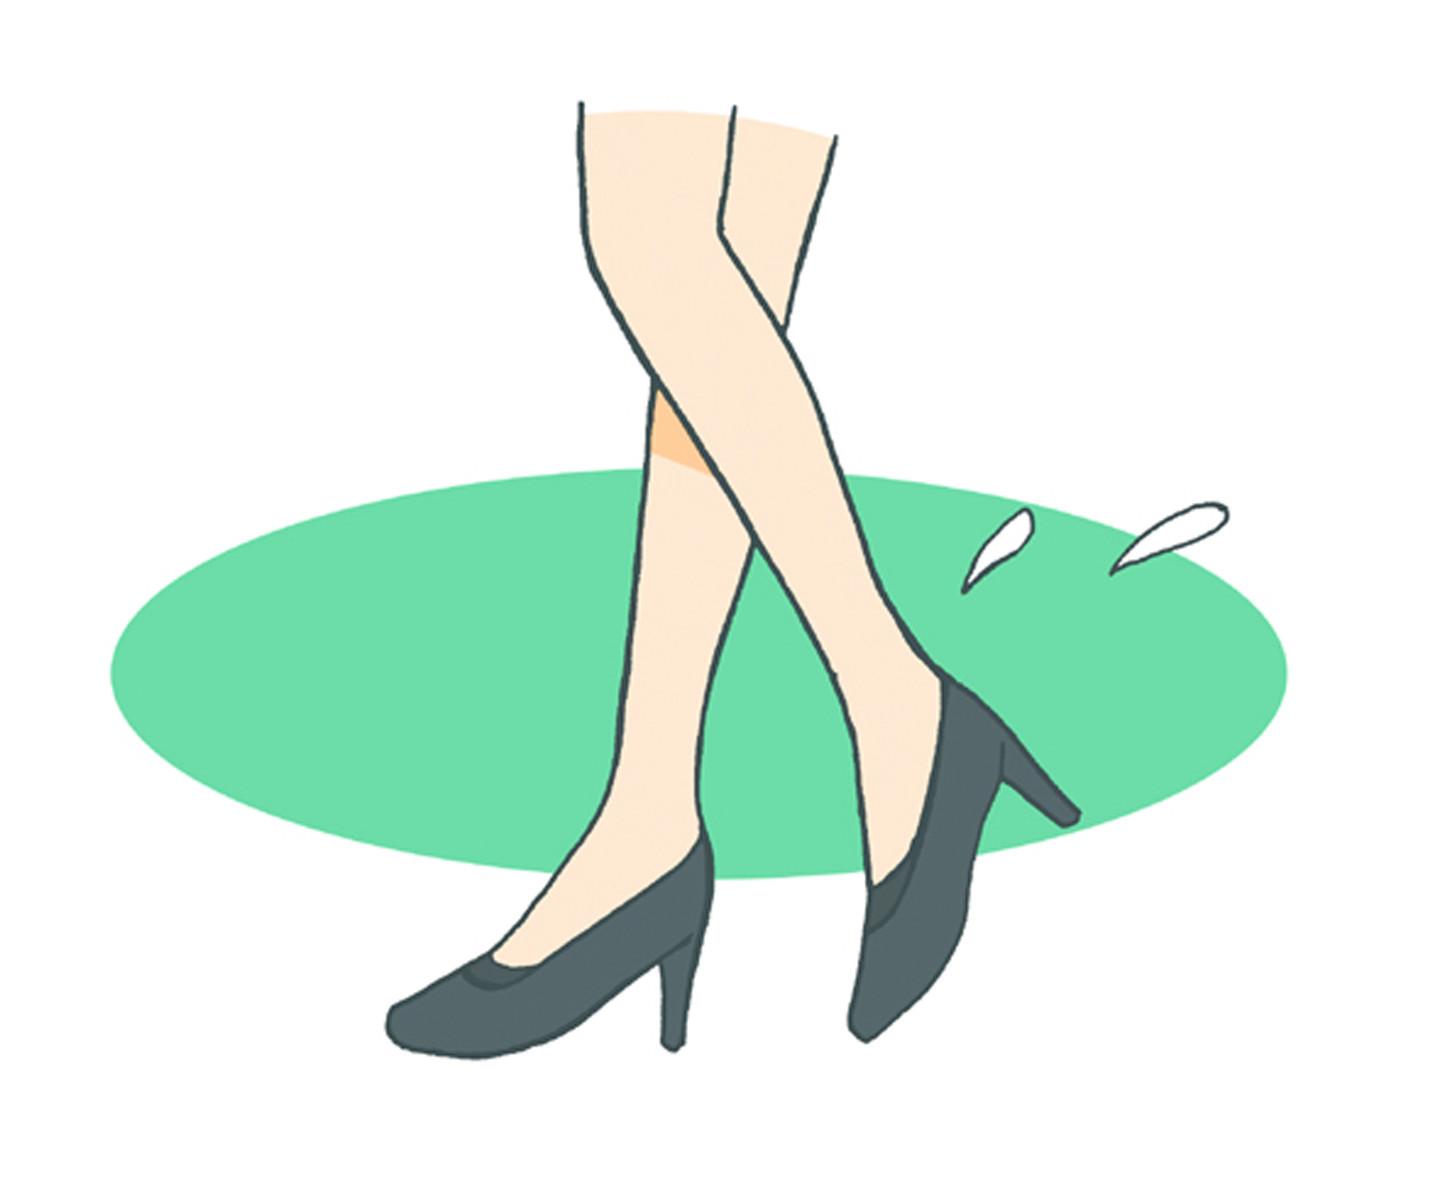 忙しい毎日、あちこち歩き回ったり、立ちっぱなしで足はムレやすい…